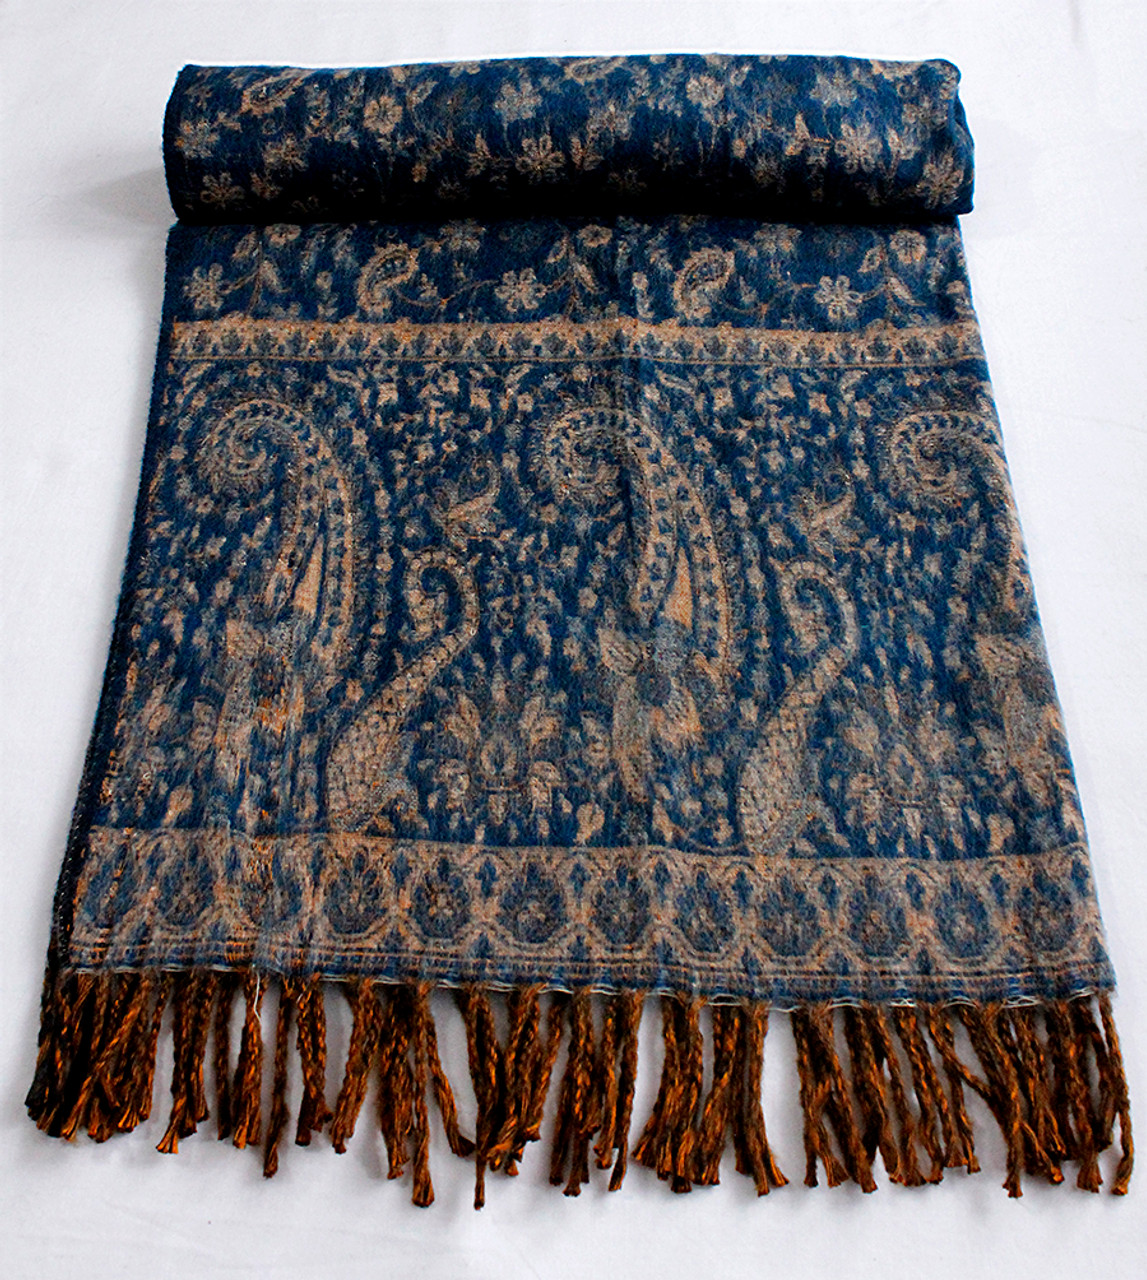 Himalayan fleece blanket